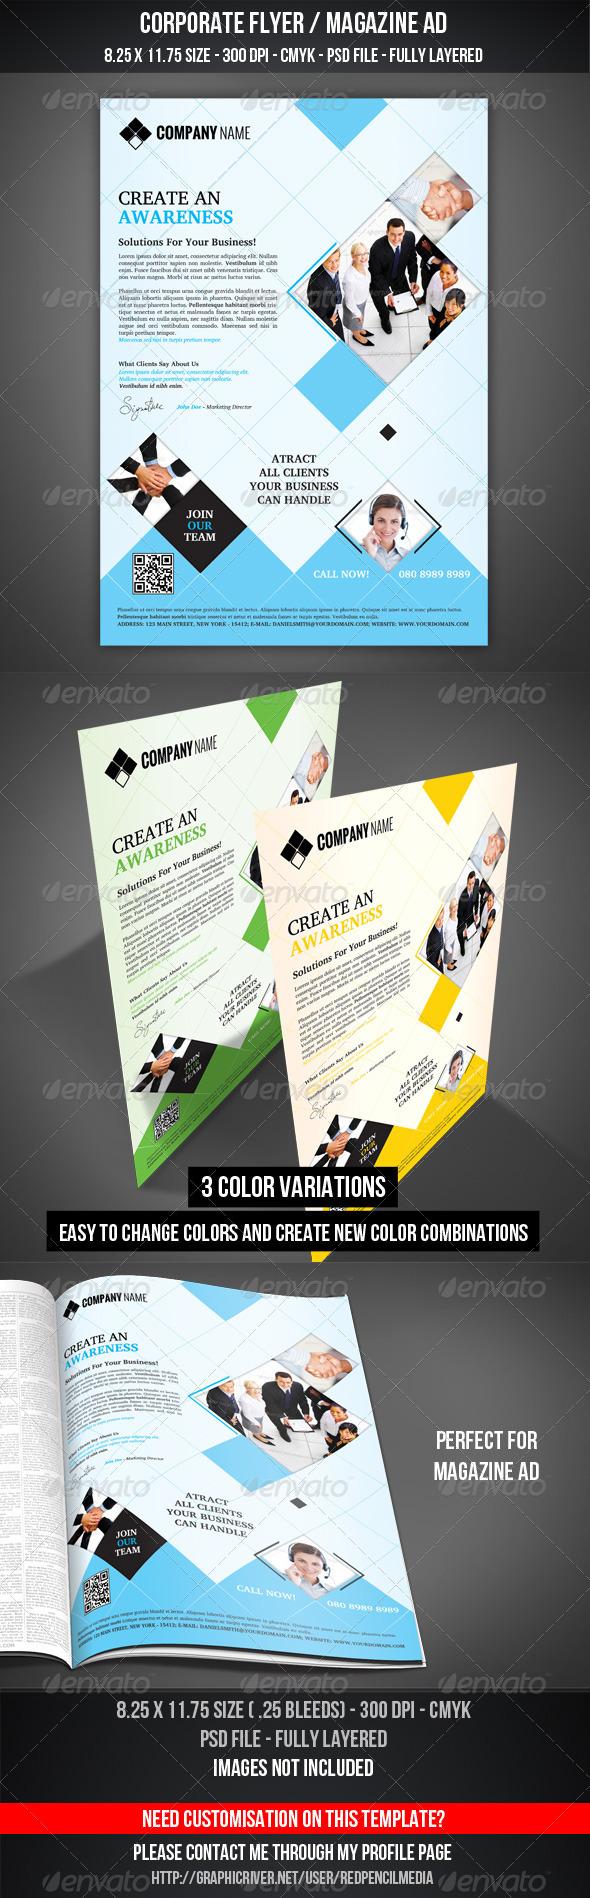 GraphicRiver Corporate Flyer Magazine AD 3287993